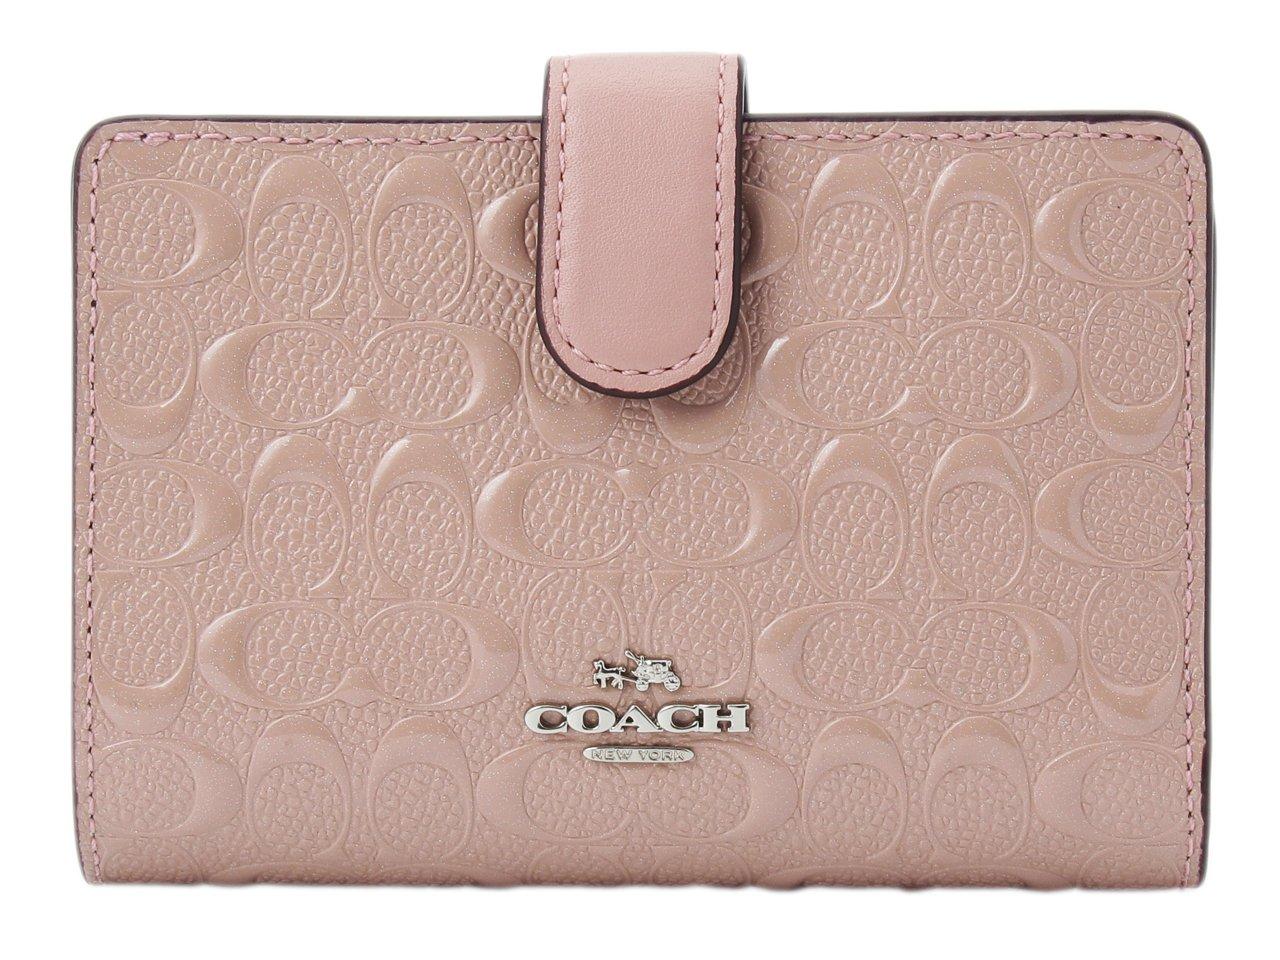 (コーチ) COACH 財布 二つ折り シグネチャー パテント MEDIUM CORNER F25937 アウトレット [並行輸入品] B07B7JLGK1 ブラッシュ2 ブラッシュ2